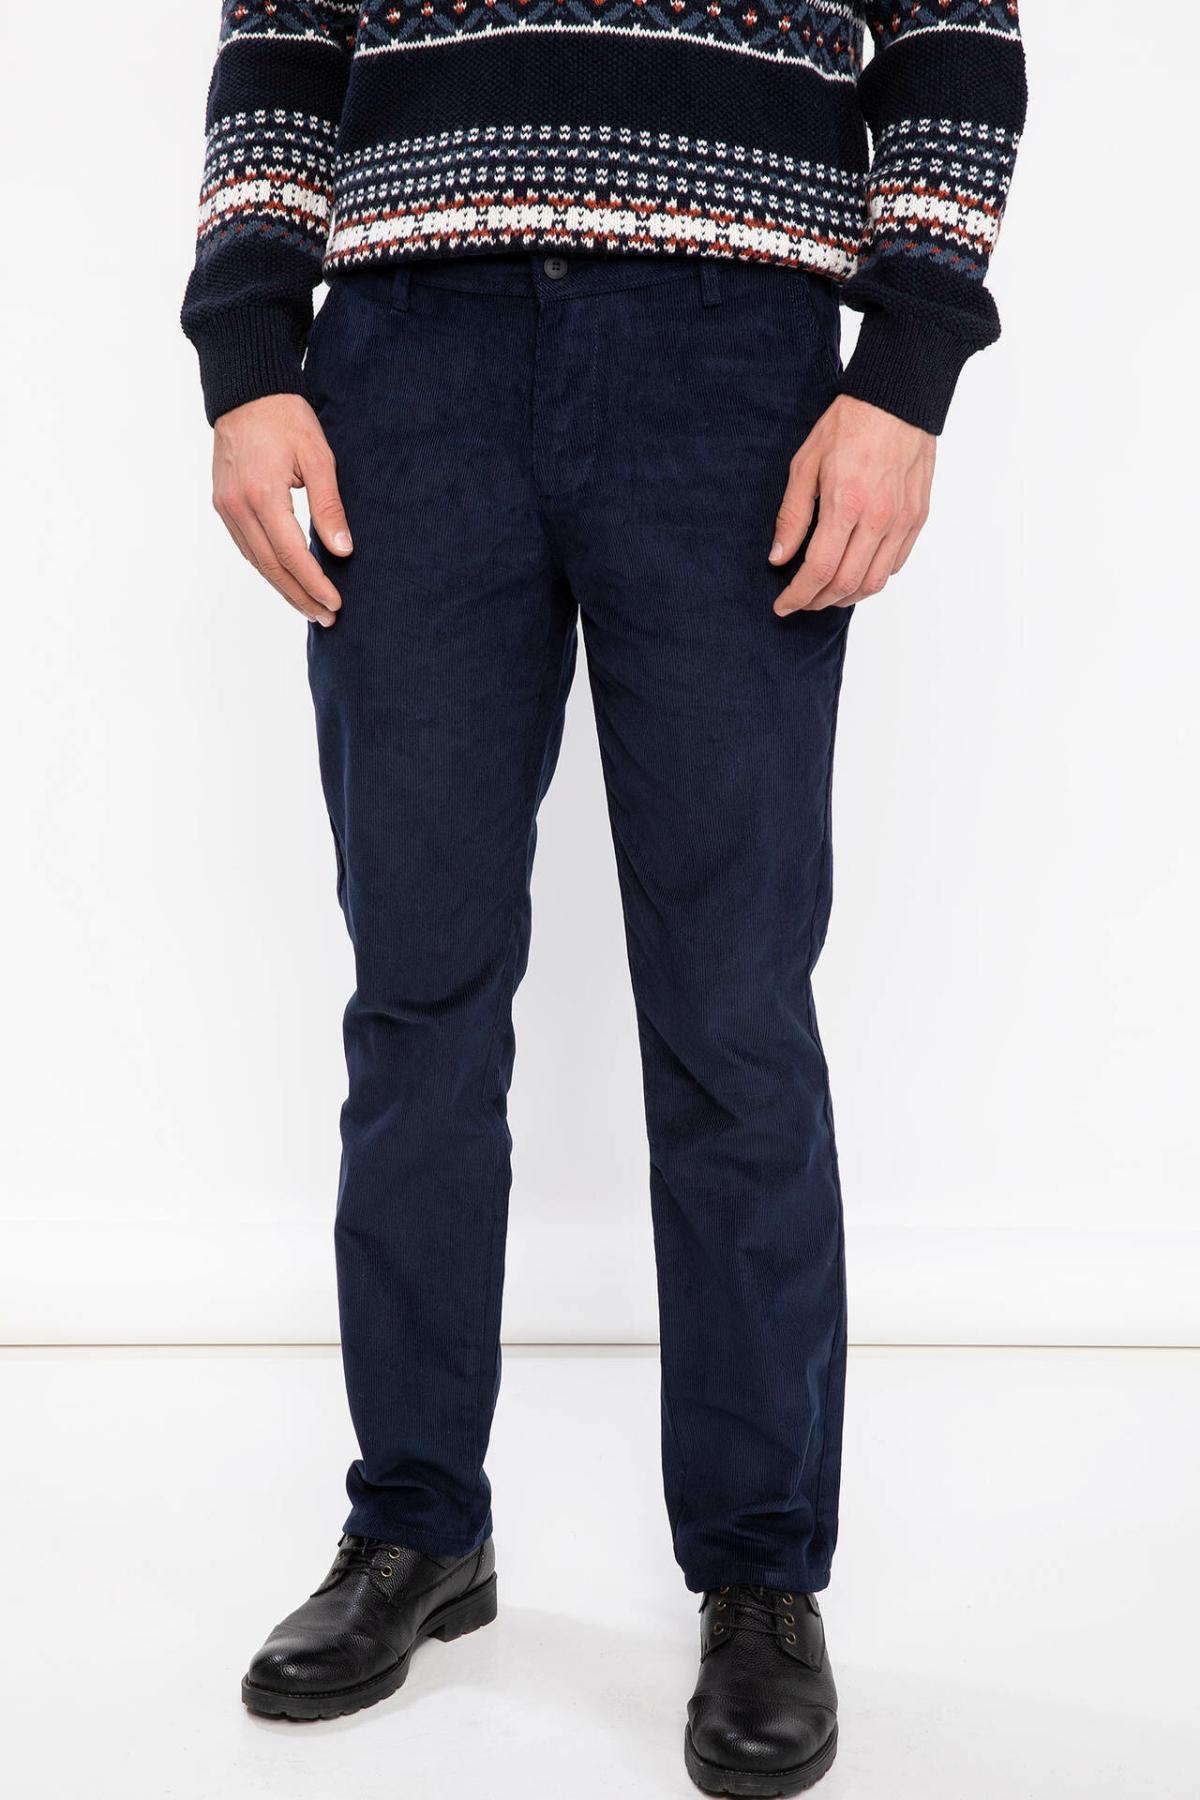 DeFacto Fashion Men's Suit Trousers Leisure Classic Business Long Pants Male Casual Solid Casual Stright Pants - J1052AZ18CW